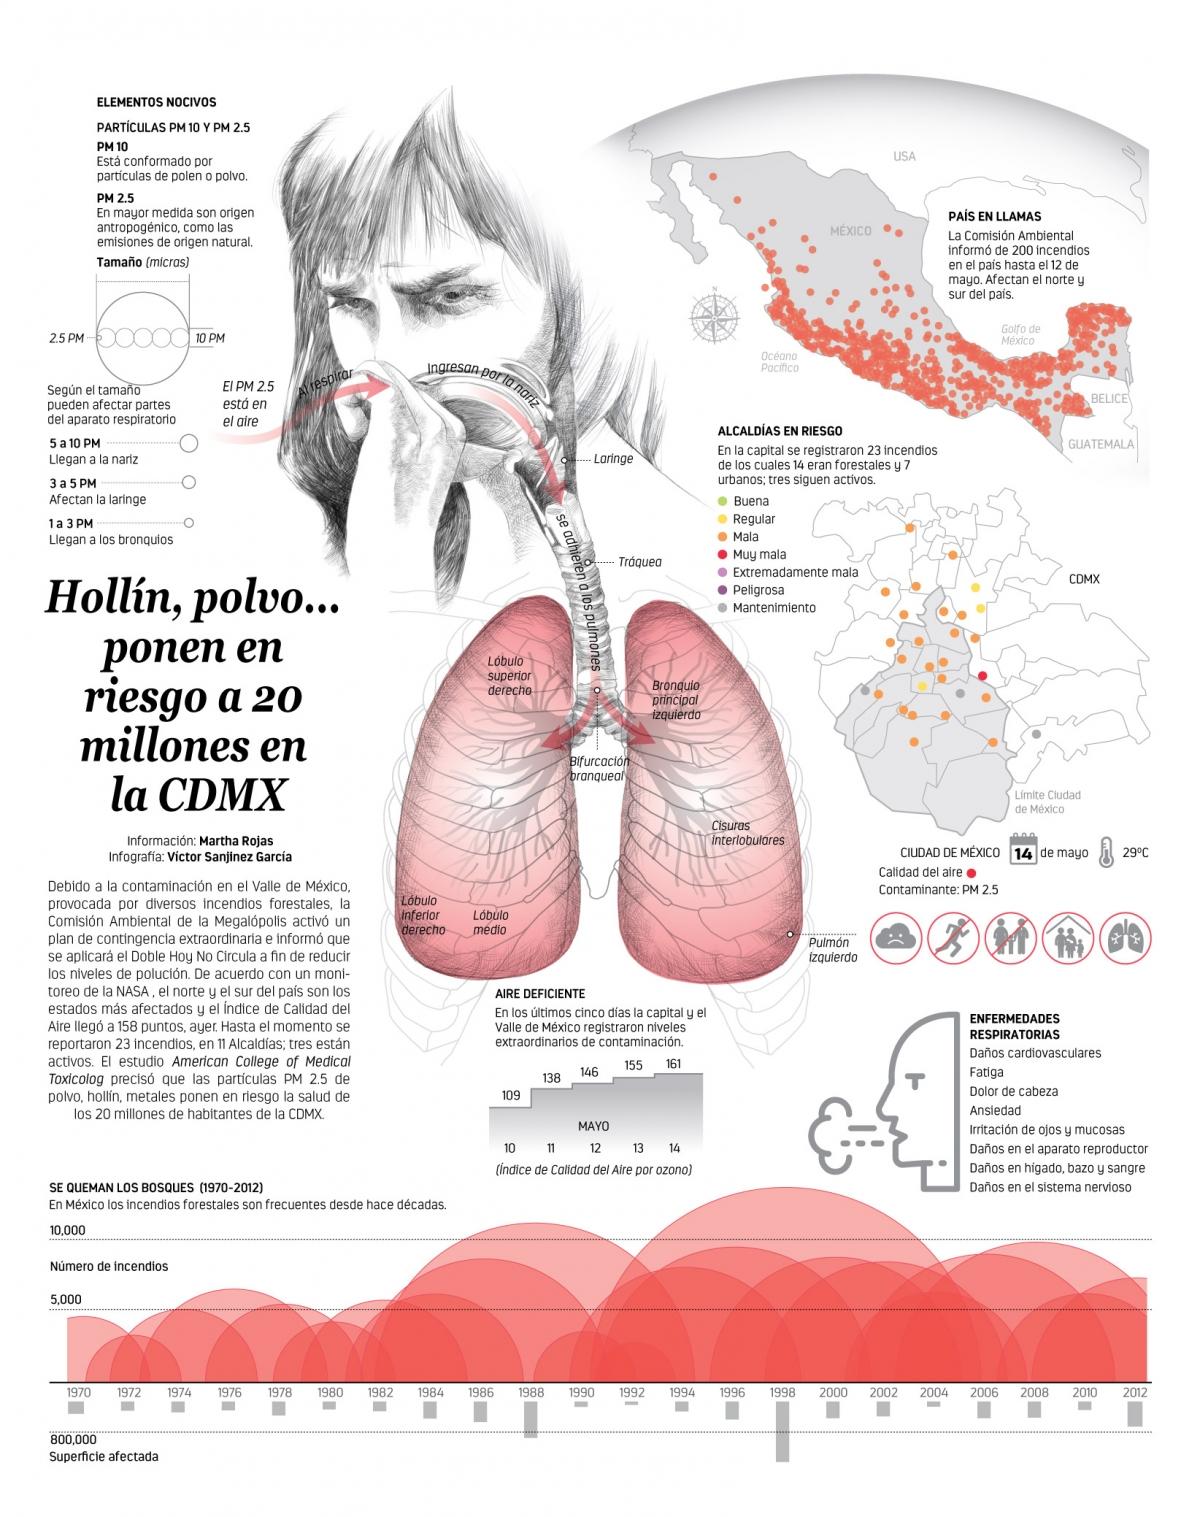 Hollín, polvo... ponen en riesgo a 20 millones en la CDMX